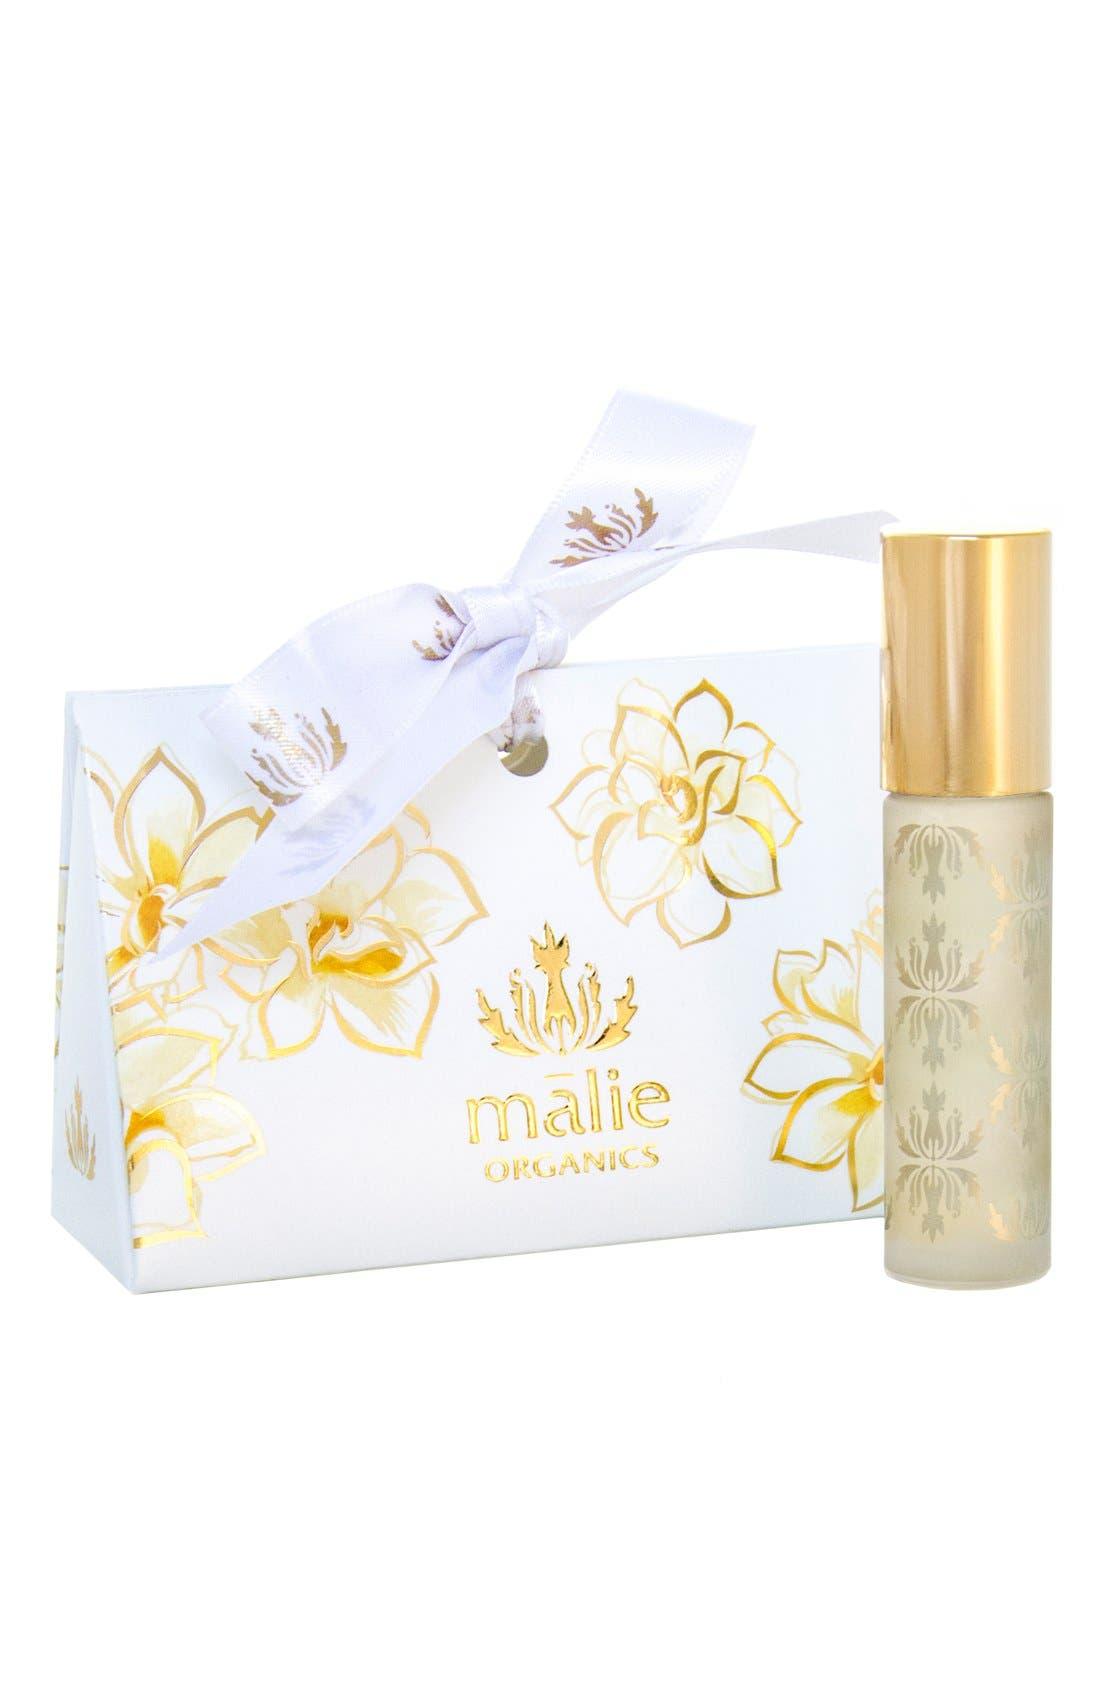 Malie Organics Pikake Organic Roll-On Perfume Oil